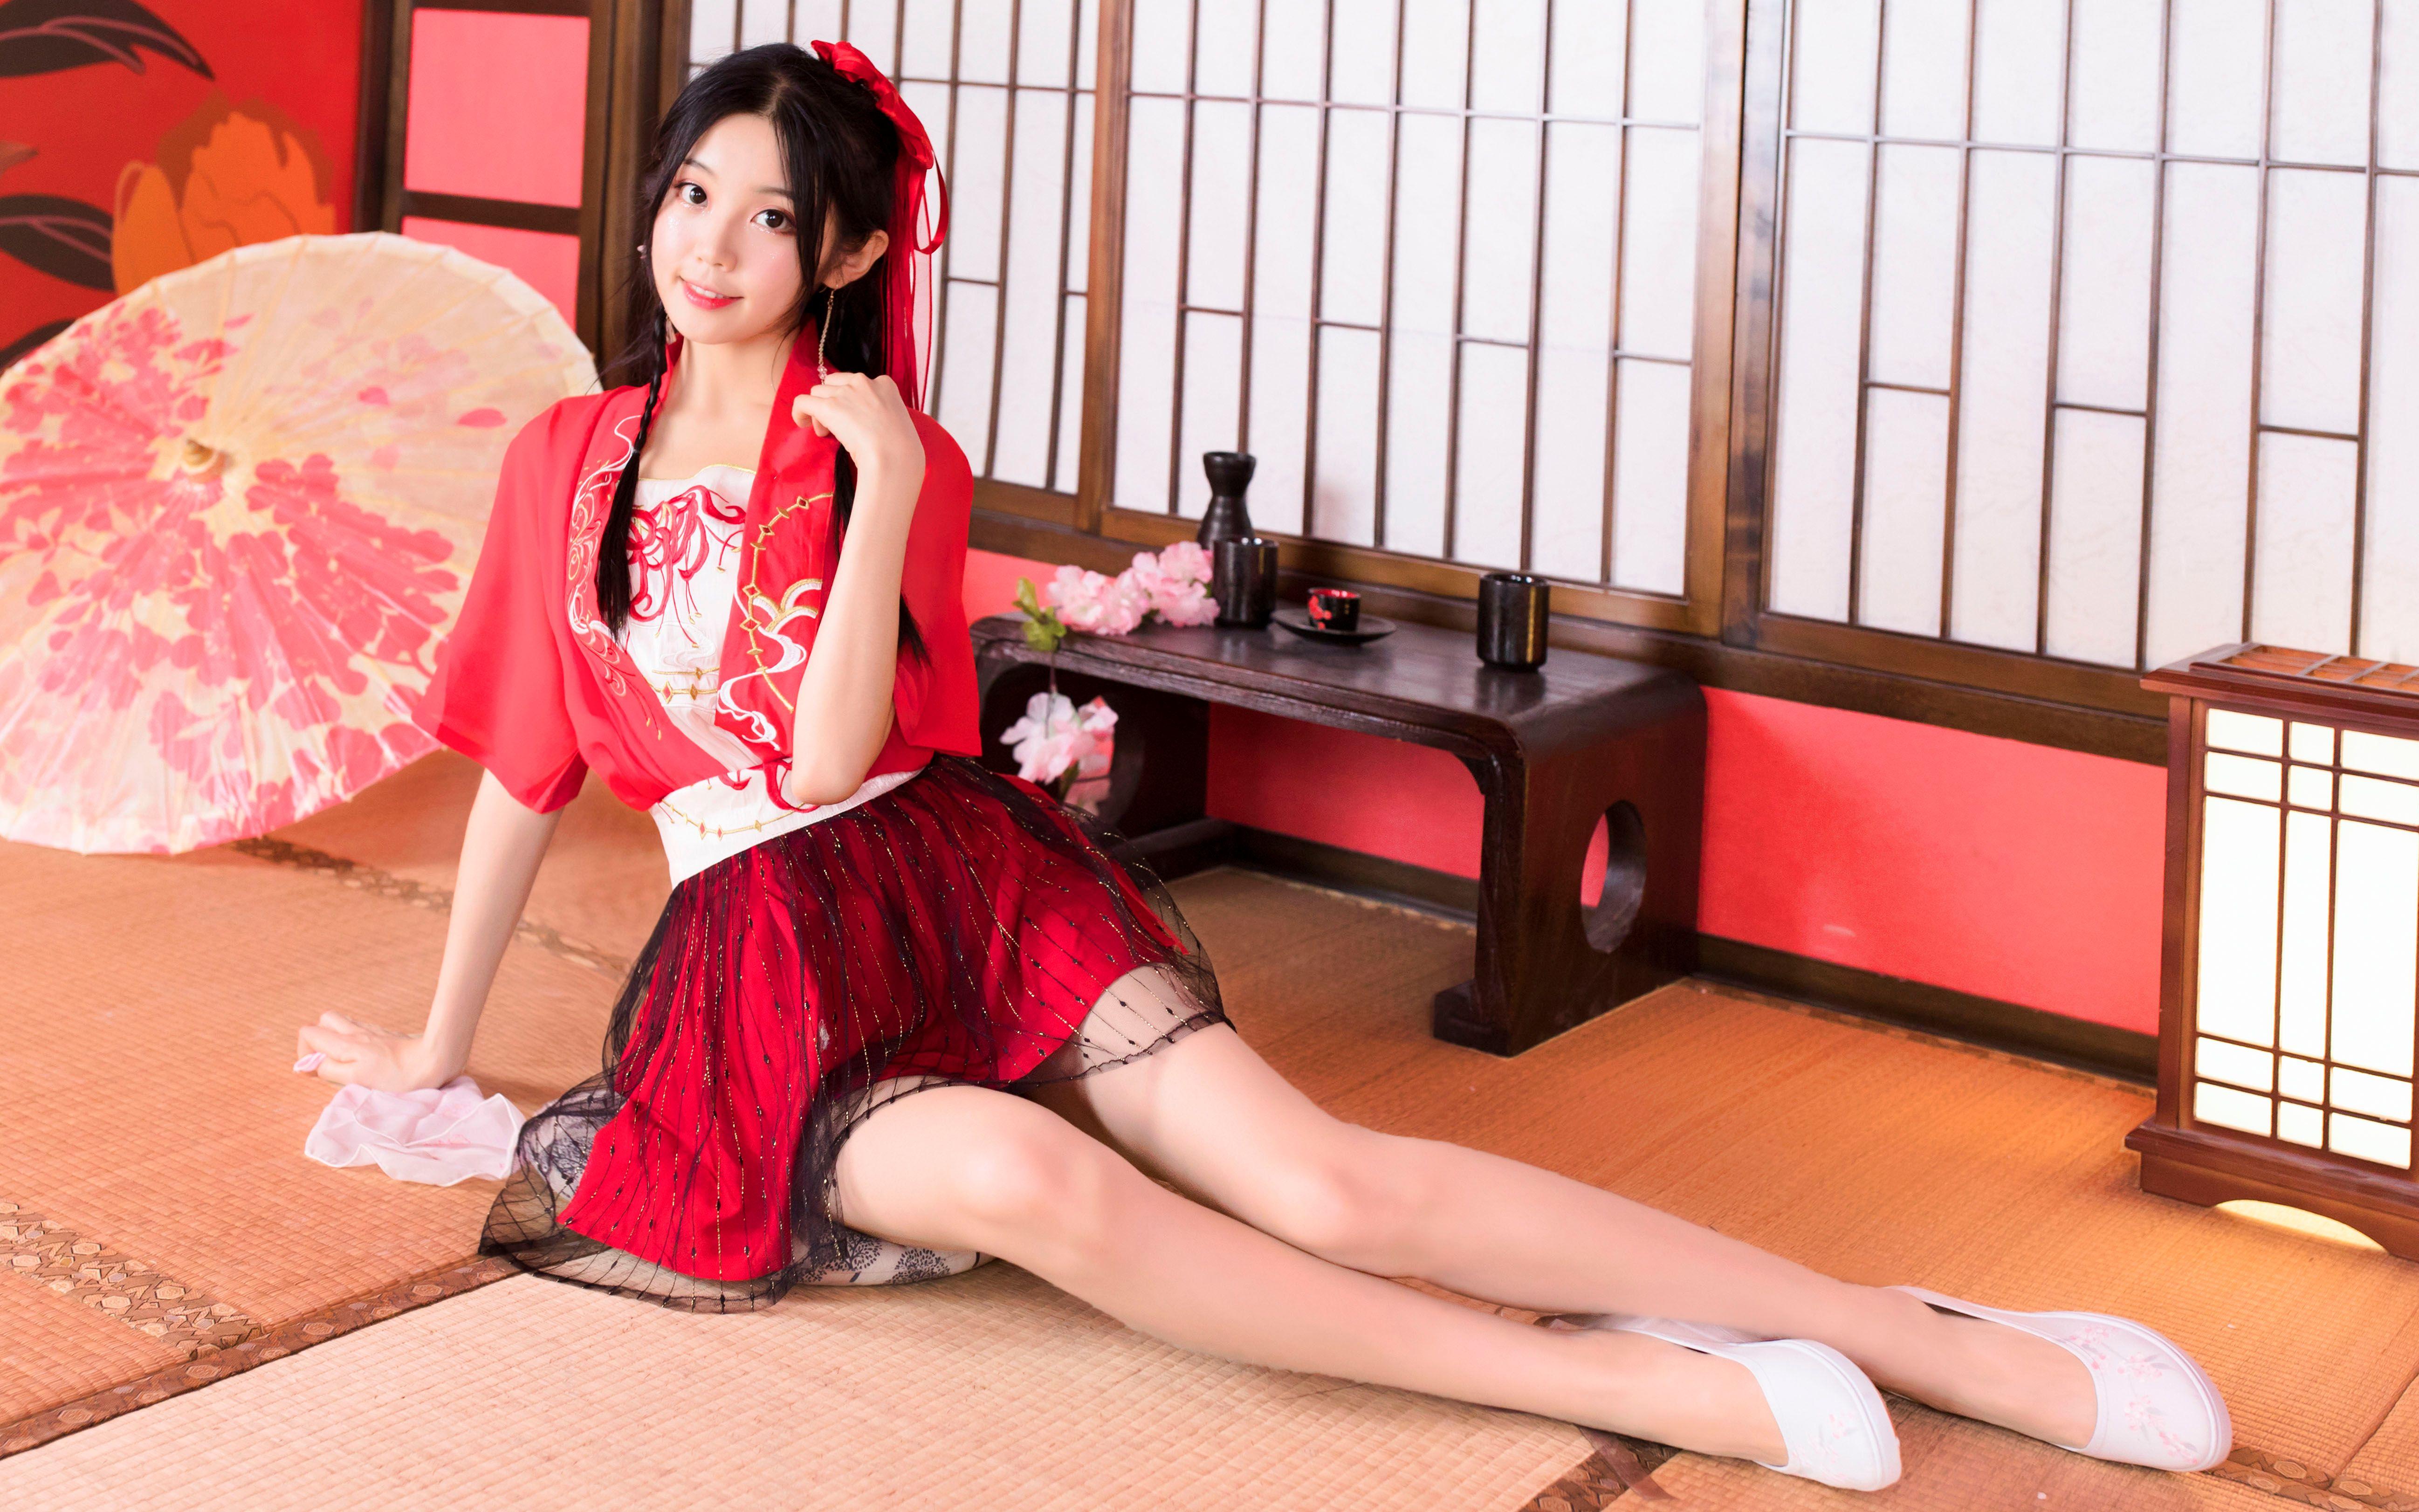 【欣小萌】江南夜 ✿ 国风回归◆◇ 为你抹红妆